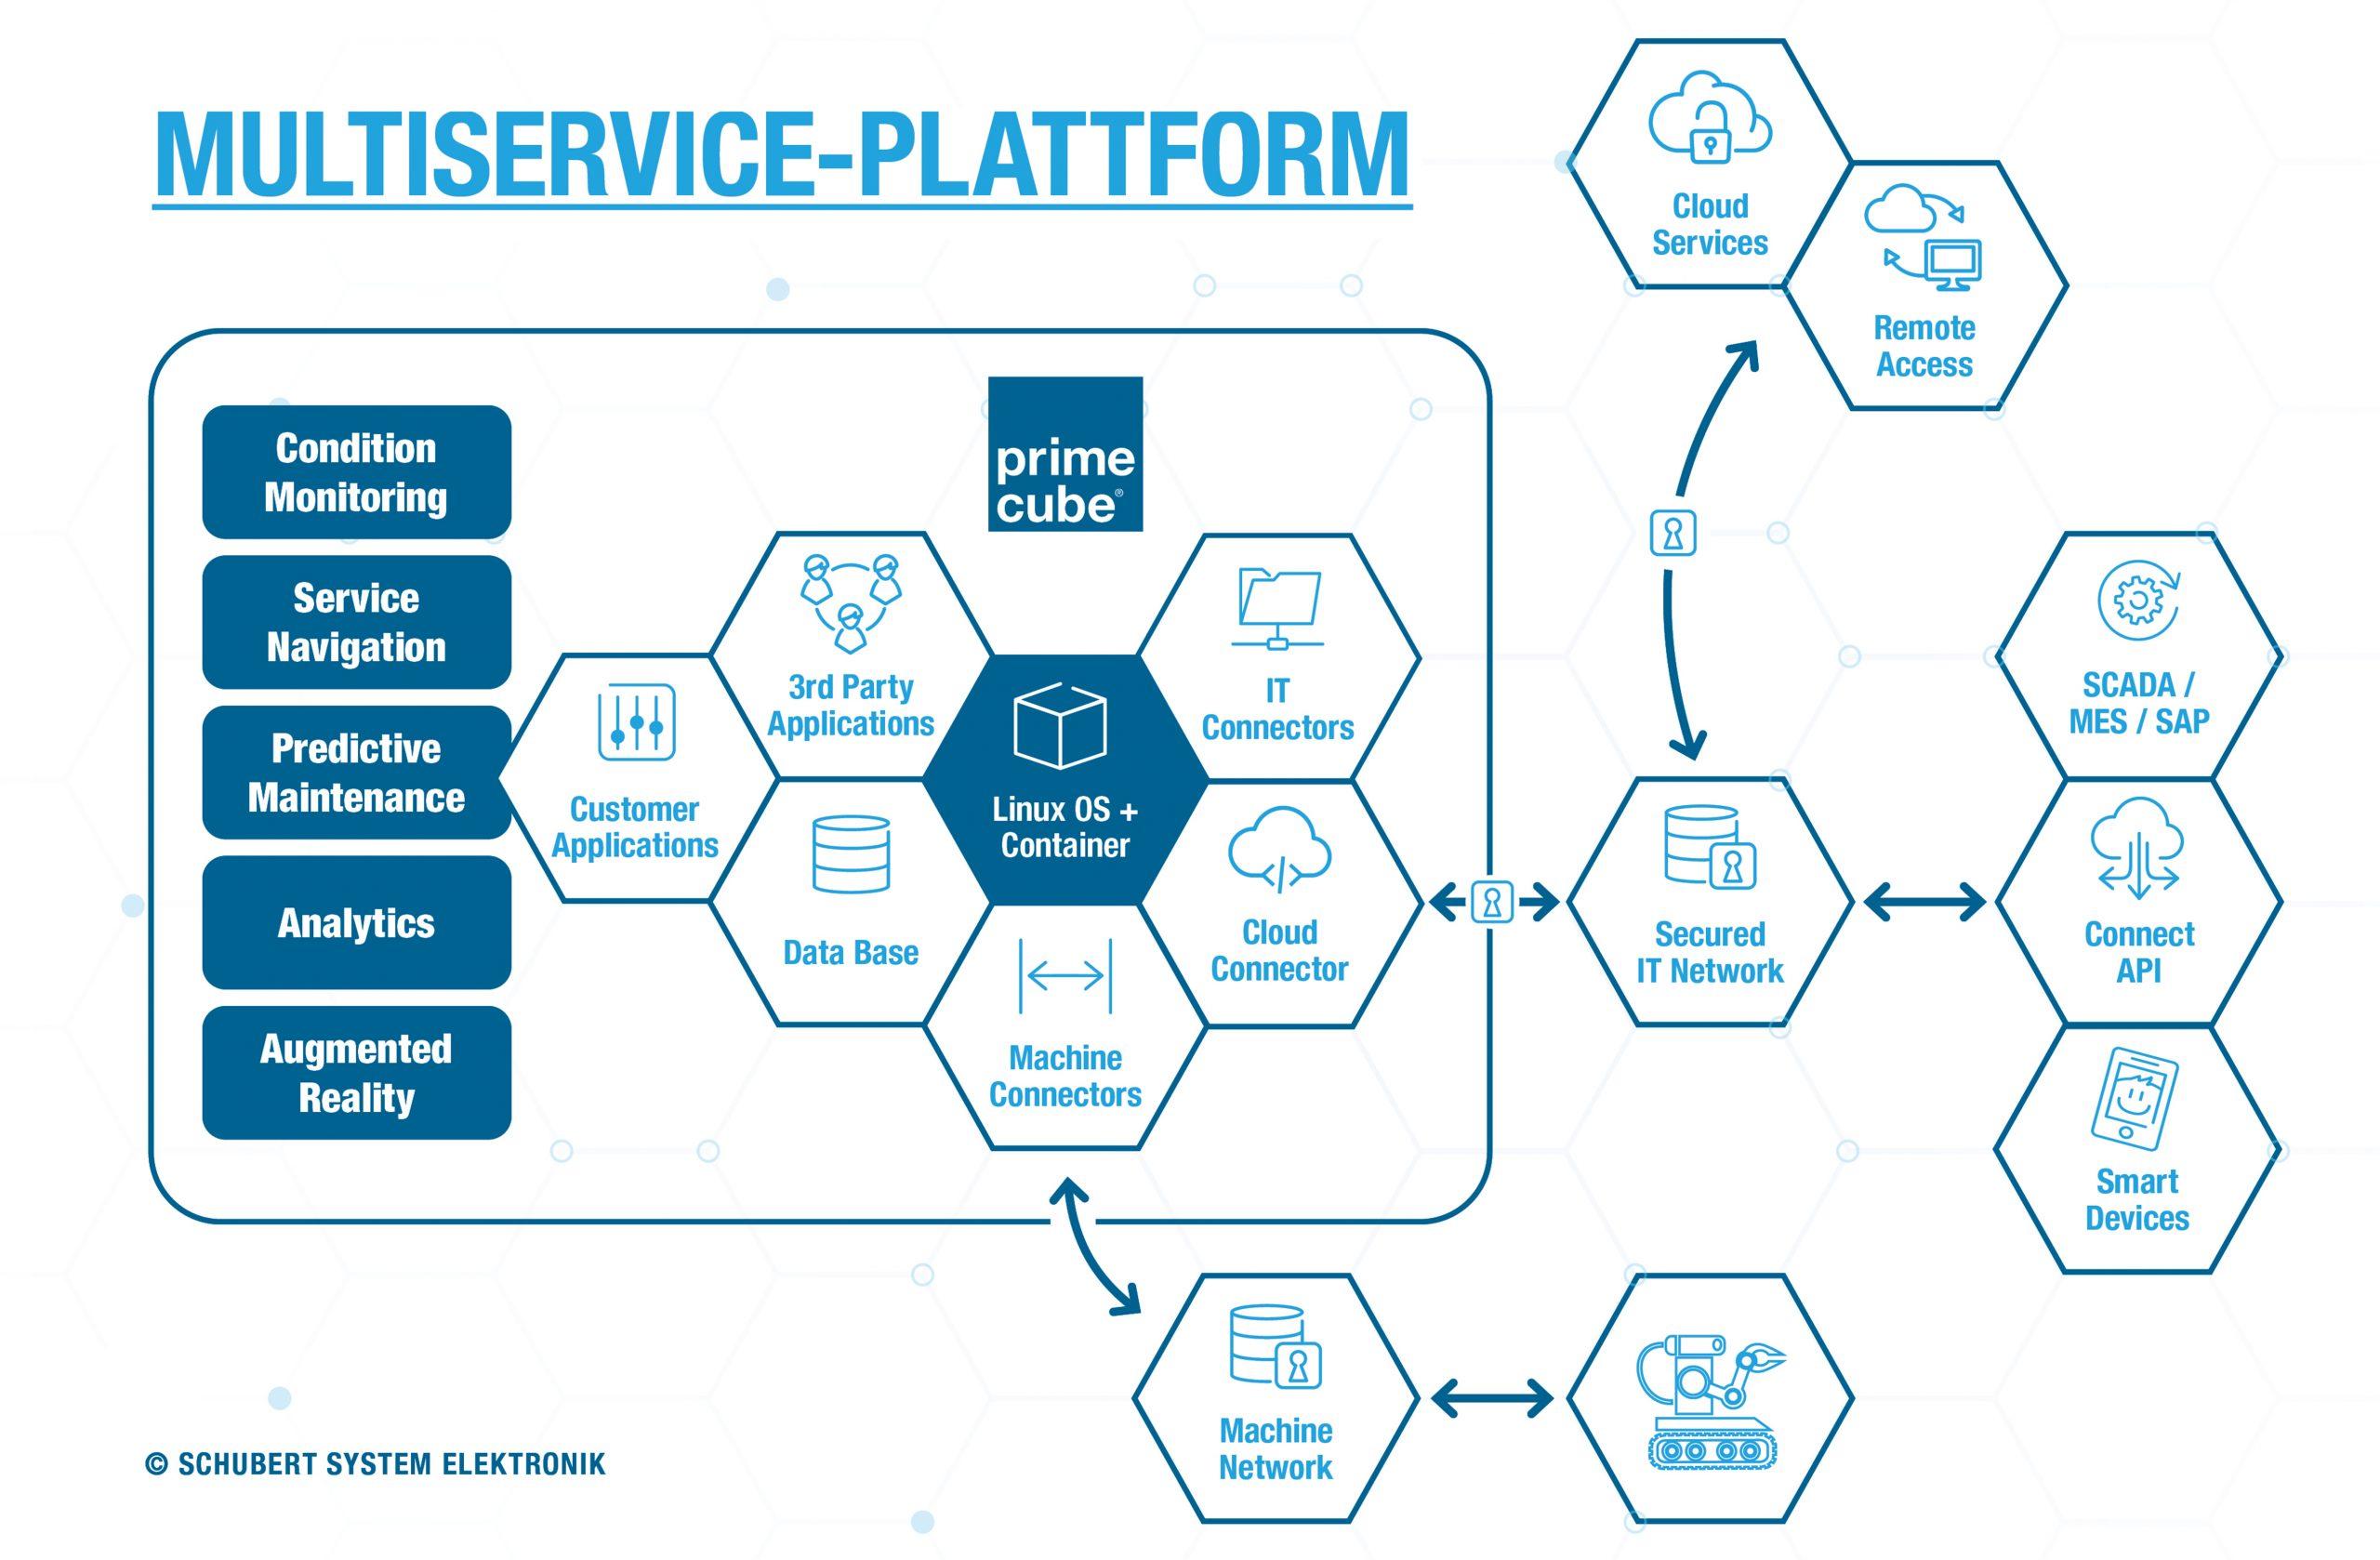 Edge Computing als Multiservice-Plattform vereint viele unterschiedliche Funktionalitäten. Anwendungen lassen sich so flexibel zusammenstellen und in unterschiedlichsten Umgebungen einsetzen. (Bild: Schubert System Elektronik GmbH)